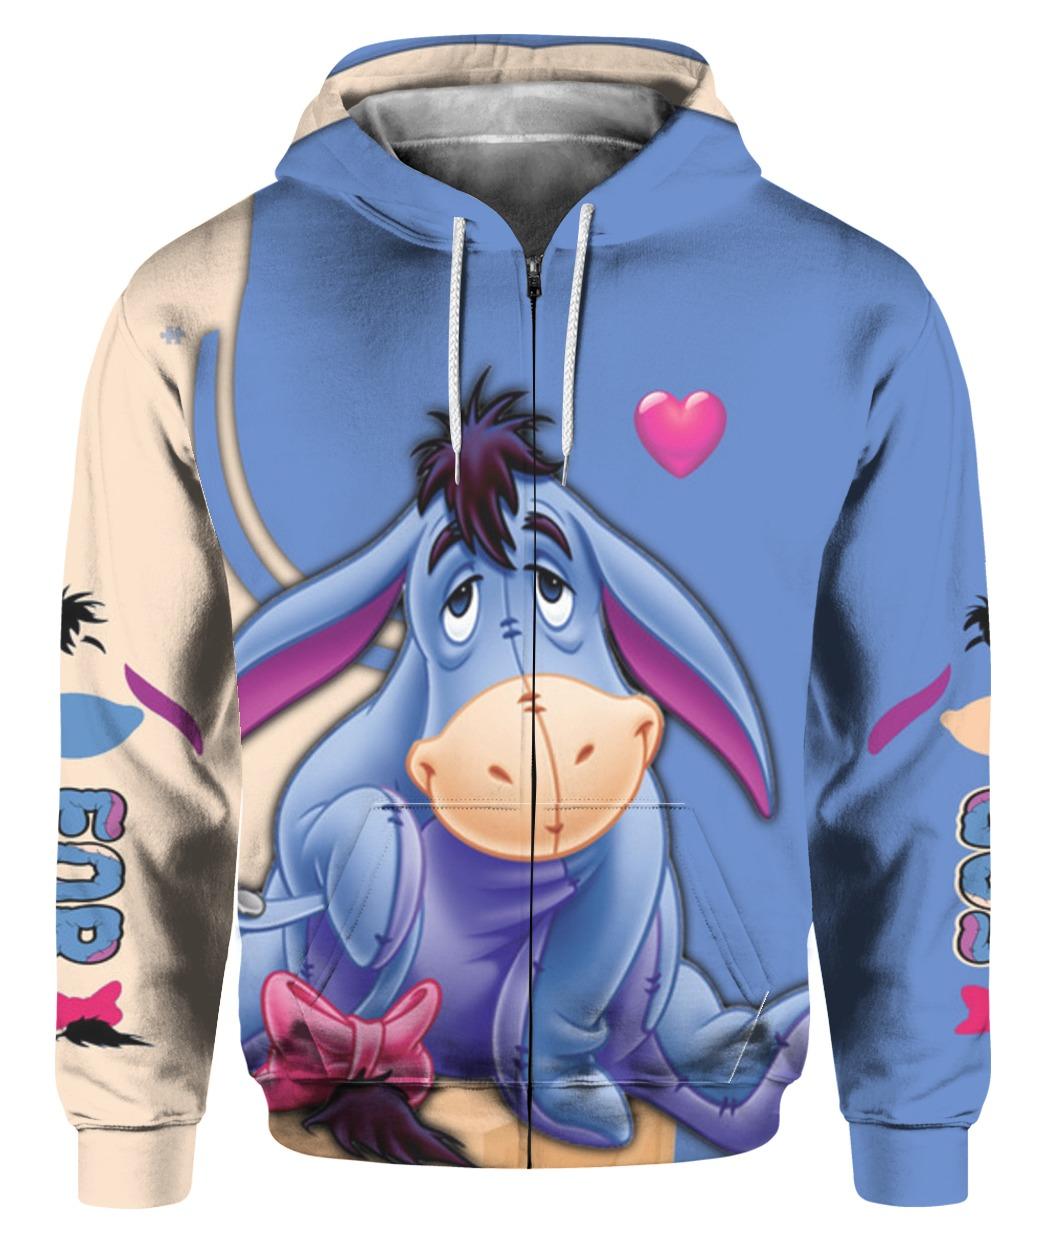 Winnie the pooh eeyore full printing zip hoodie